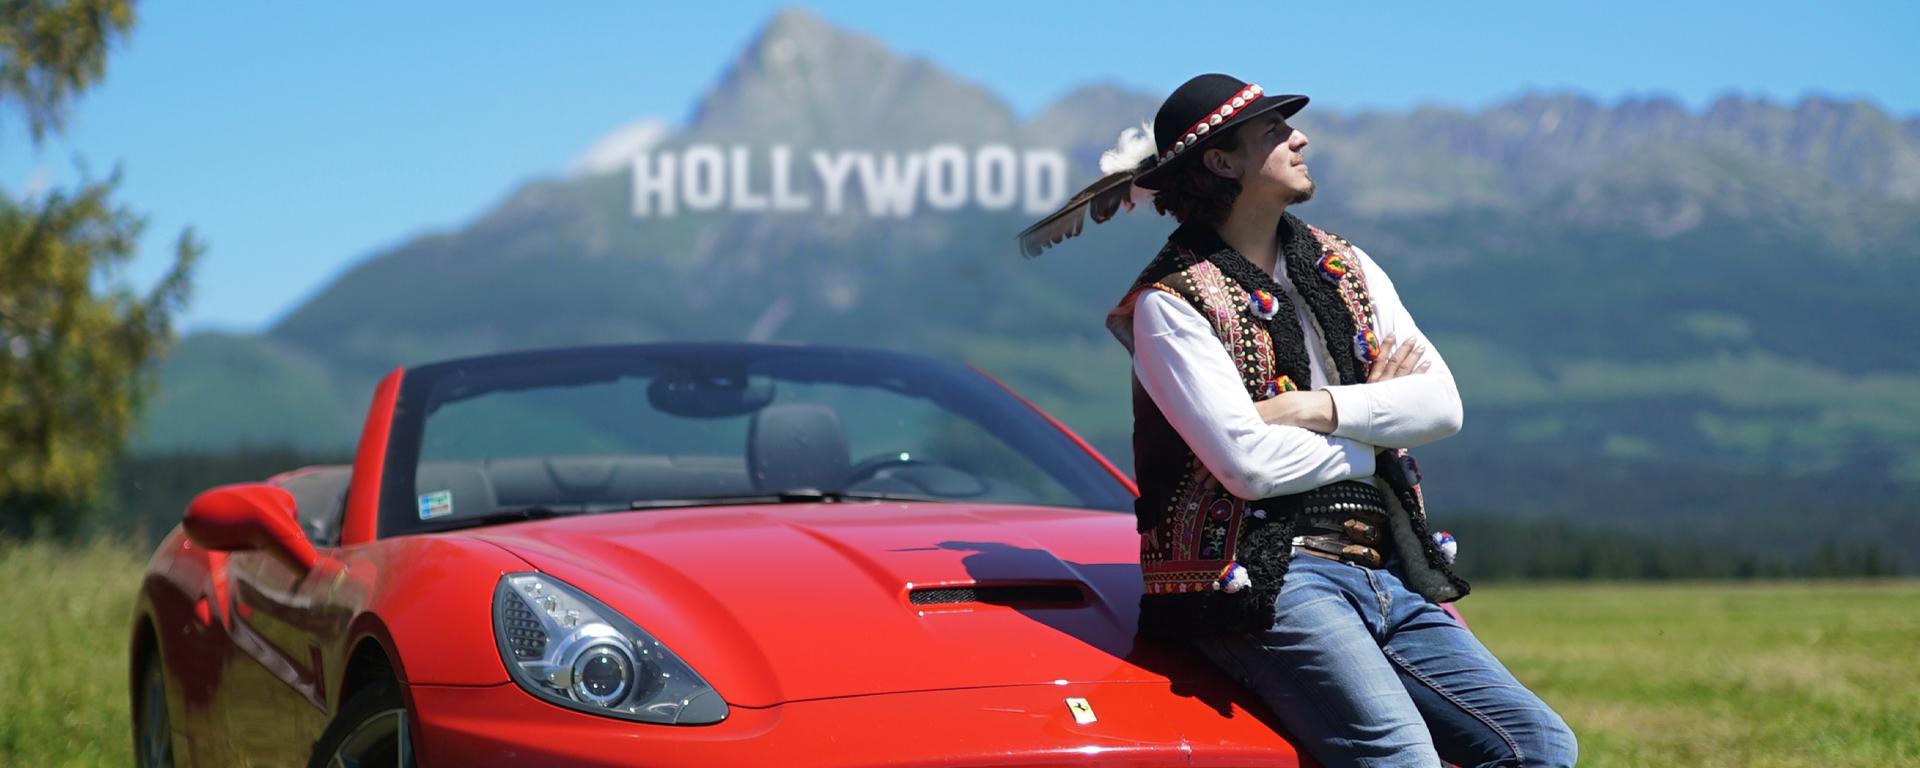 Kapela Iconito má na svedomí veľký nápis Hollywood, ktorý pribudol na Kriváni!